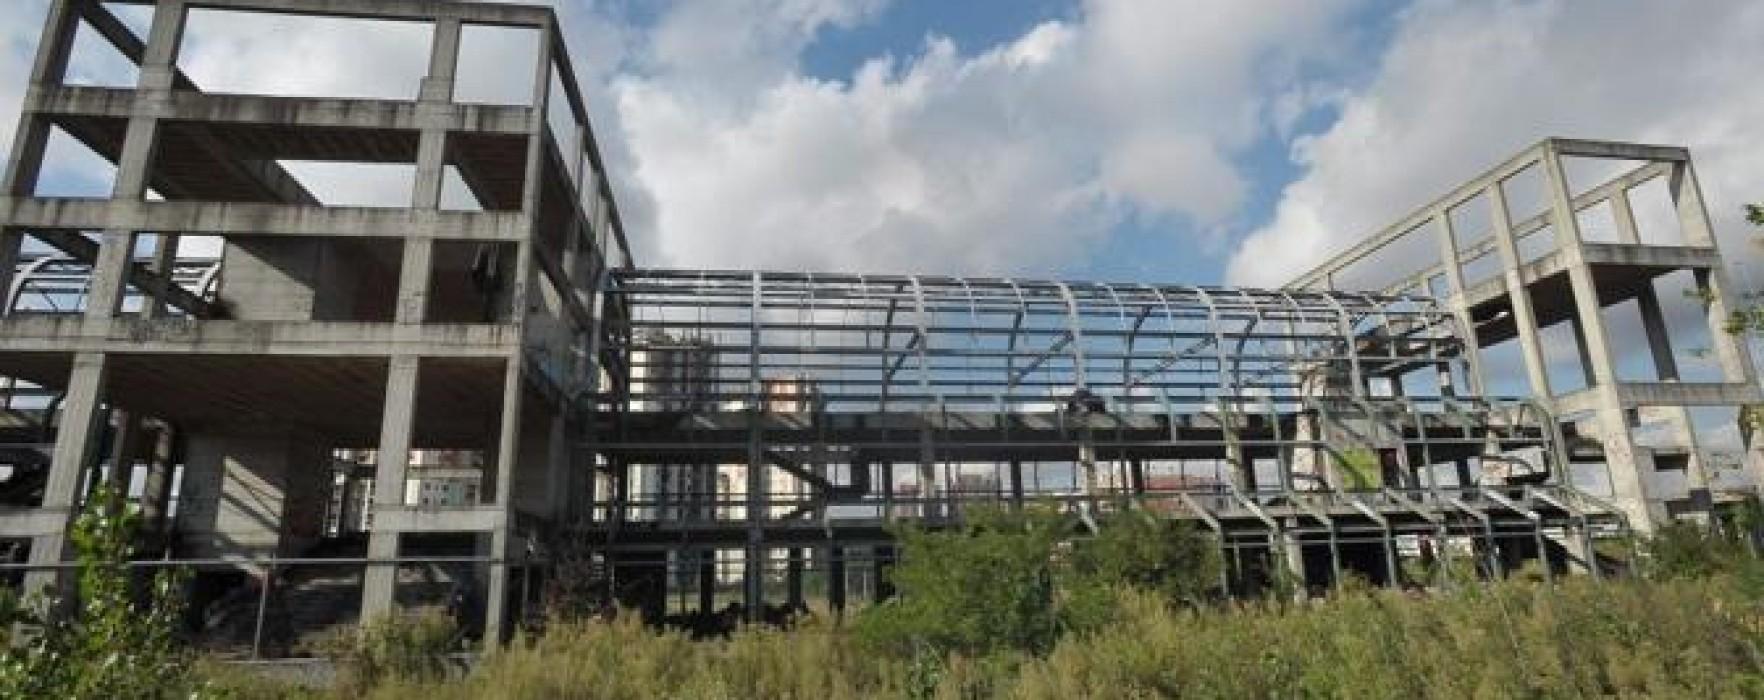 Scheletri e case prefabbricate in legno - Quanto costa una casa prefabbricata in cemento armato ...